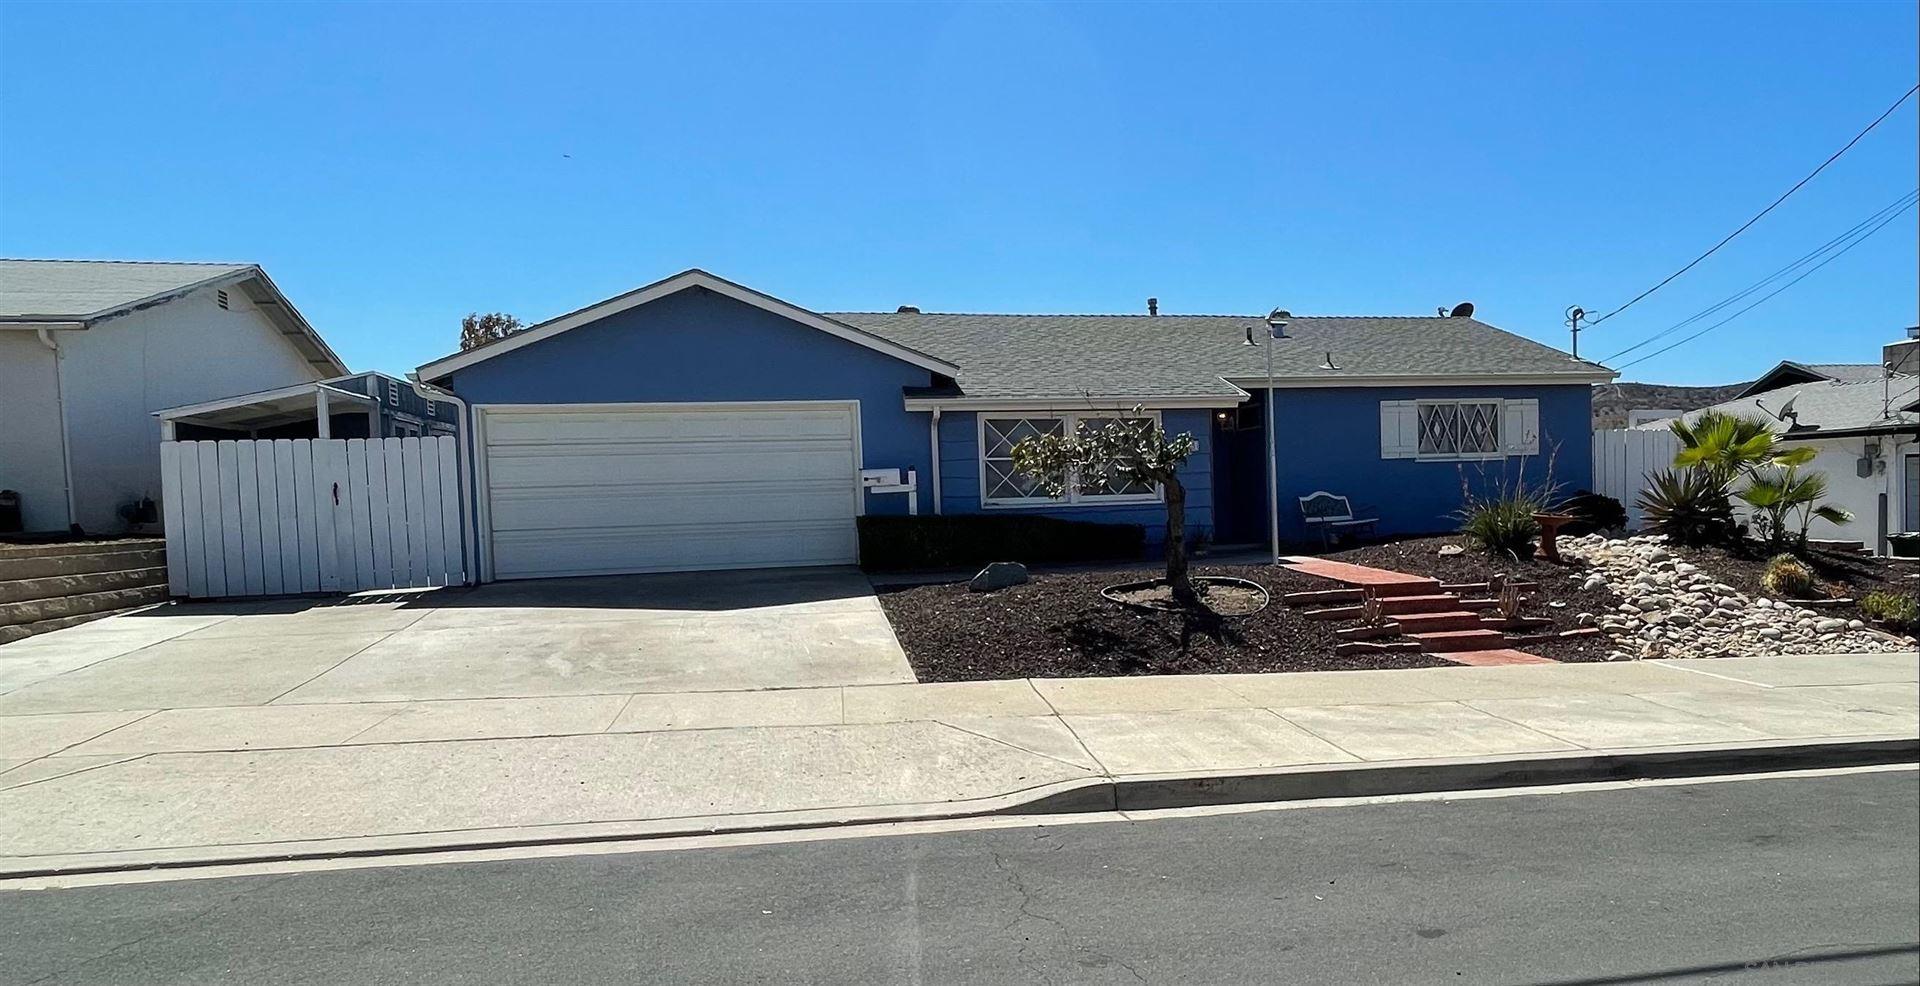 Photo of 9225 PENMAR ROAD, SANTEE, CA 92071 (MLS # 210026161)